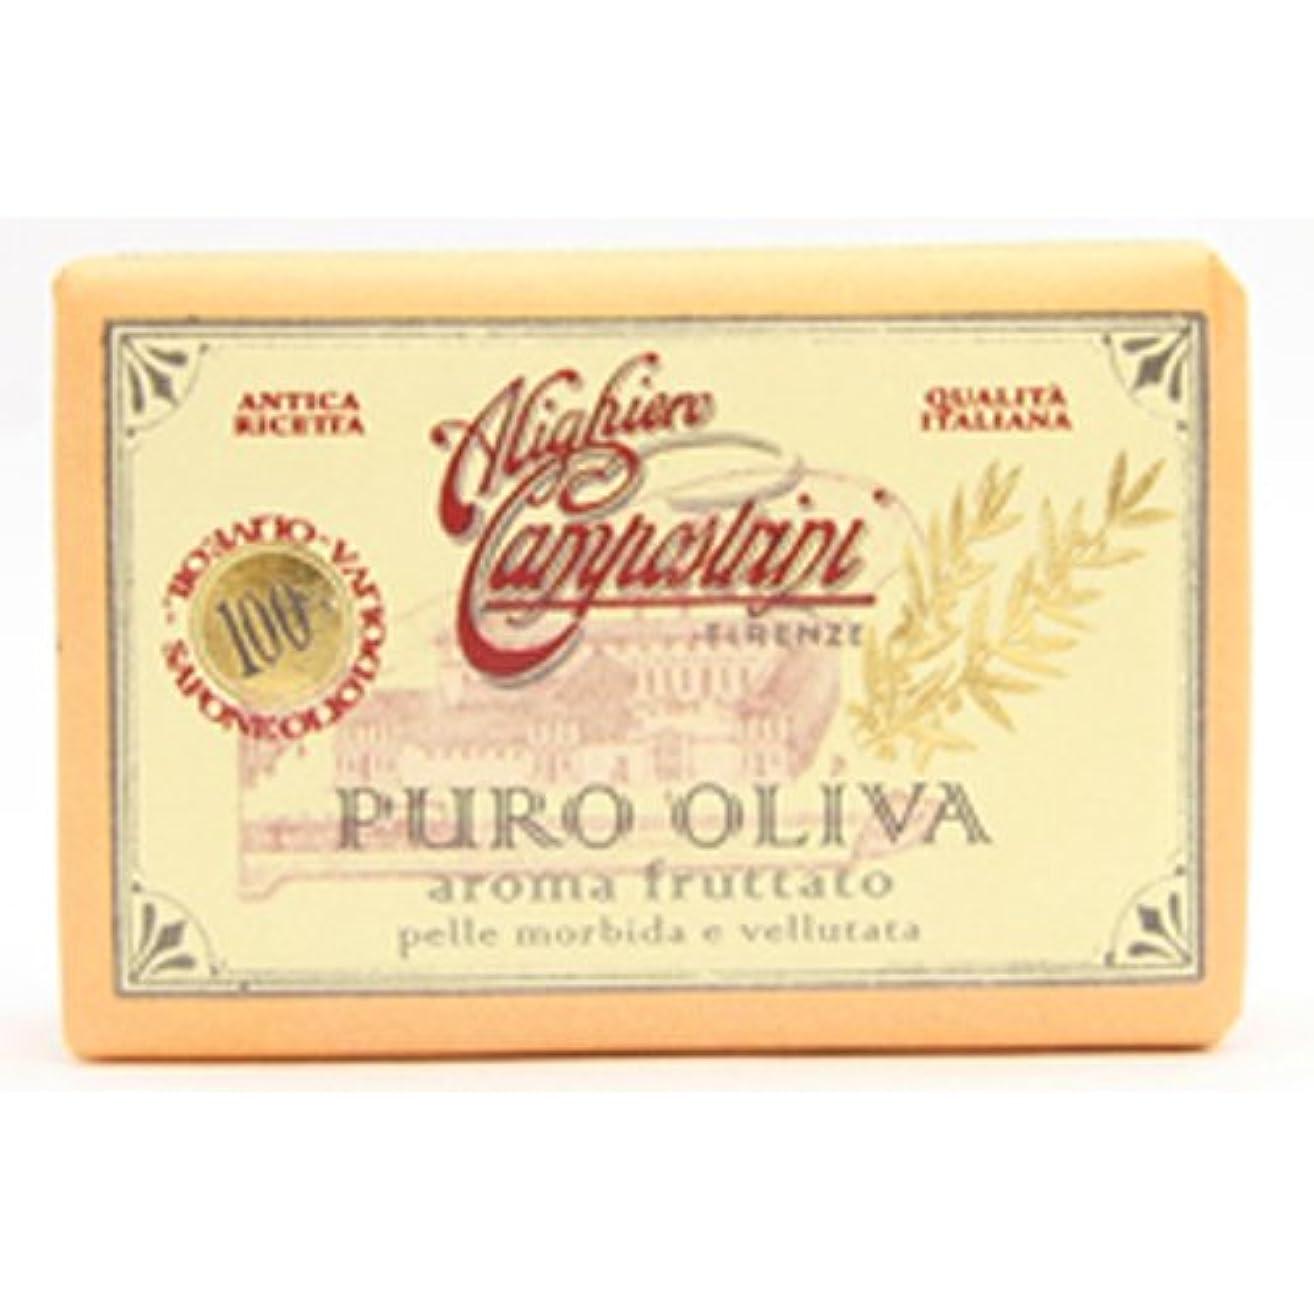 チャンピオンシップ帝国ペリスコープSaponerire Fissi サポネリーフィッシー PURO OLIVA Soap オリーブオイル ピュロ ソープ Aroma fruttato フルーツ(オレンジ)